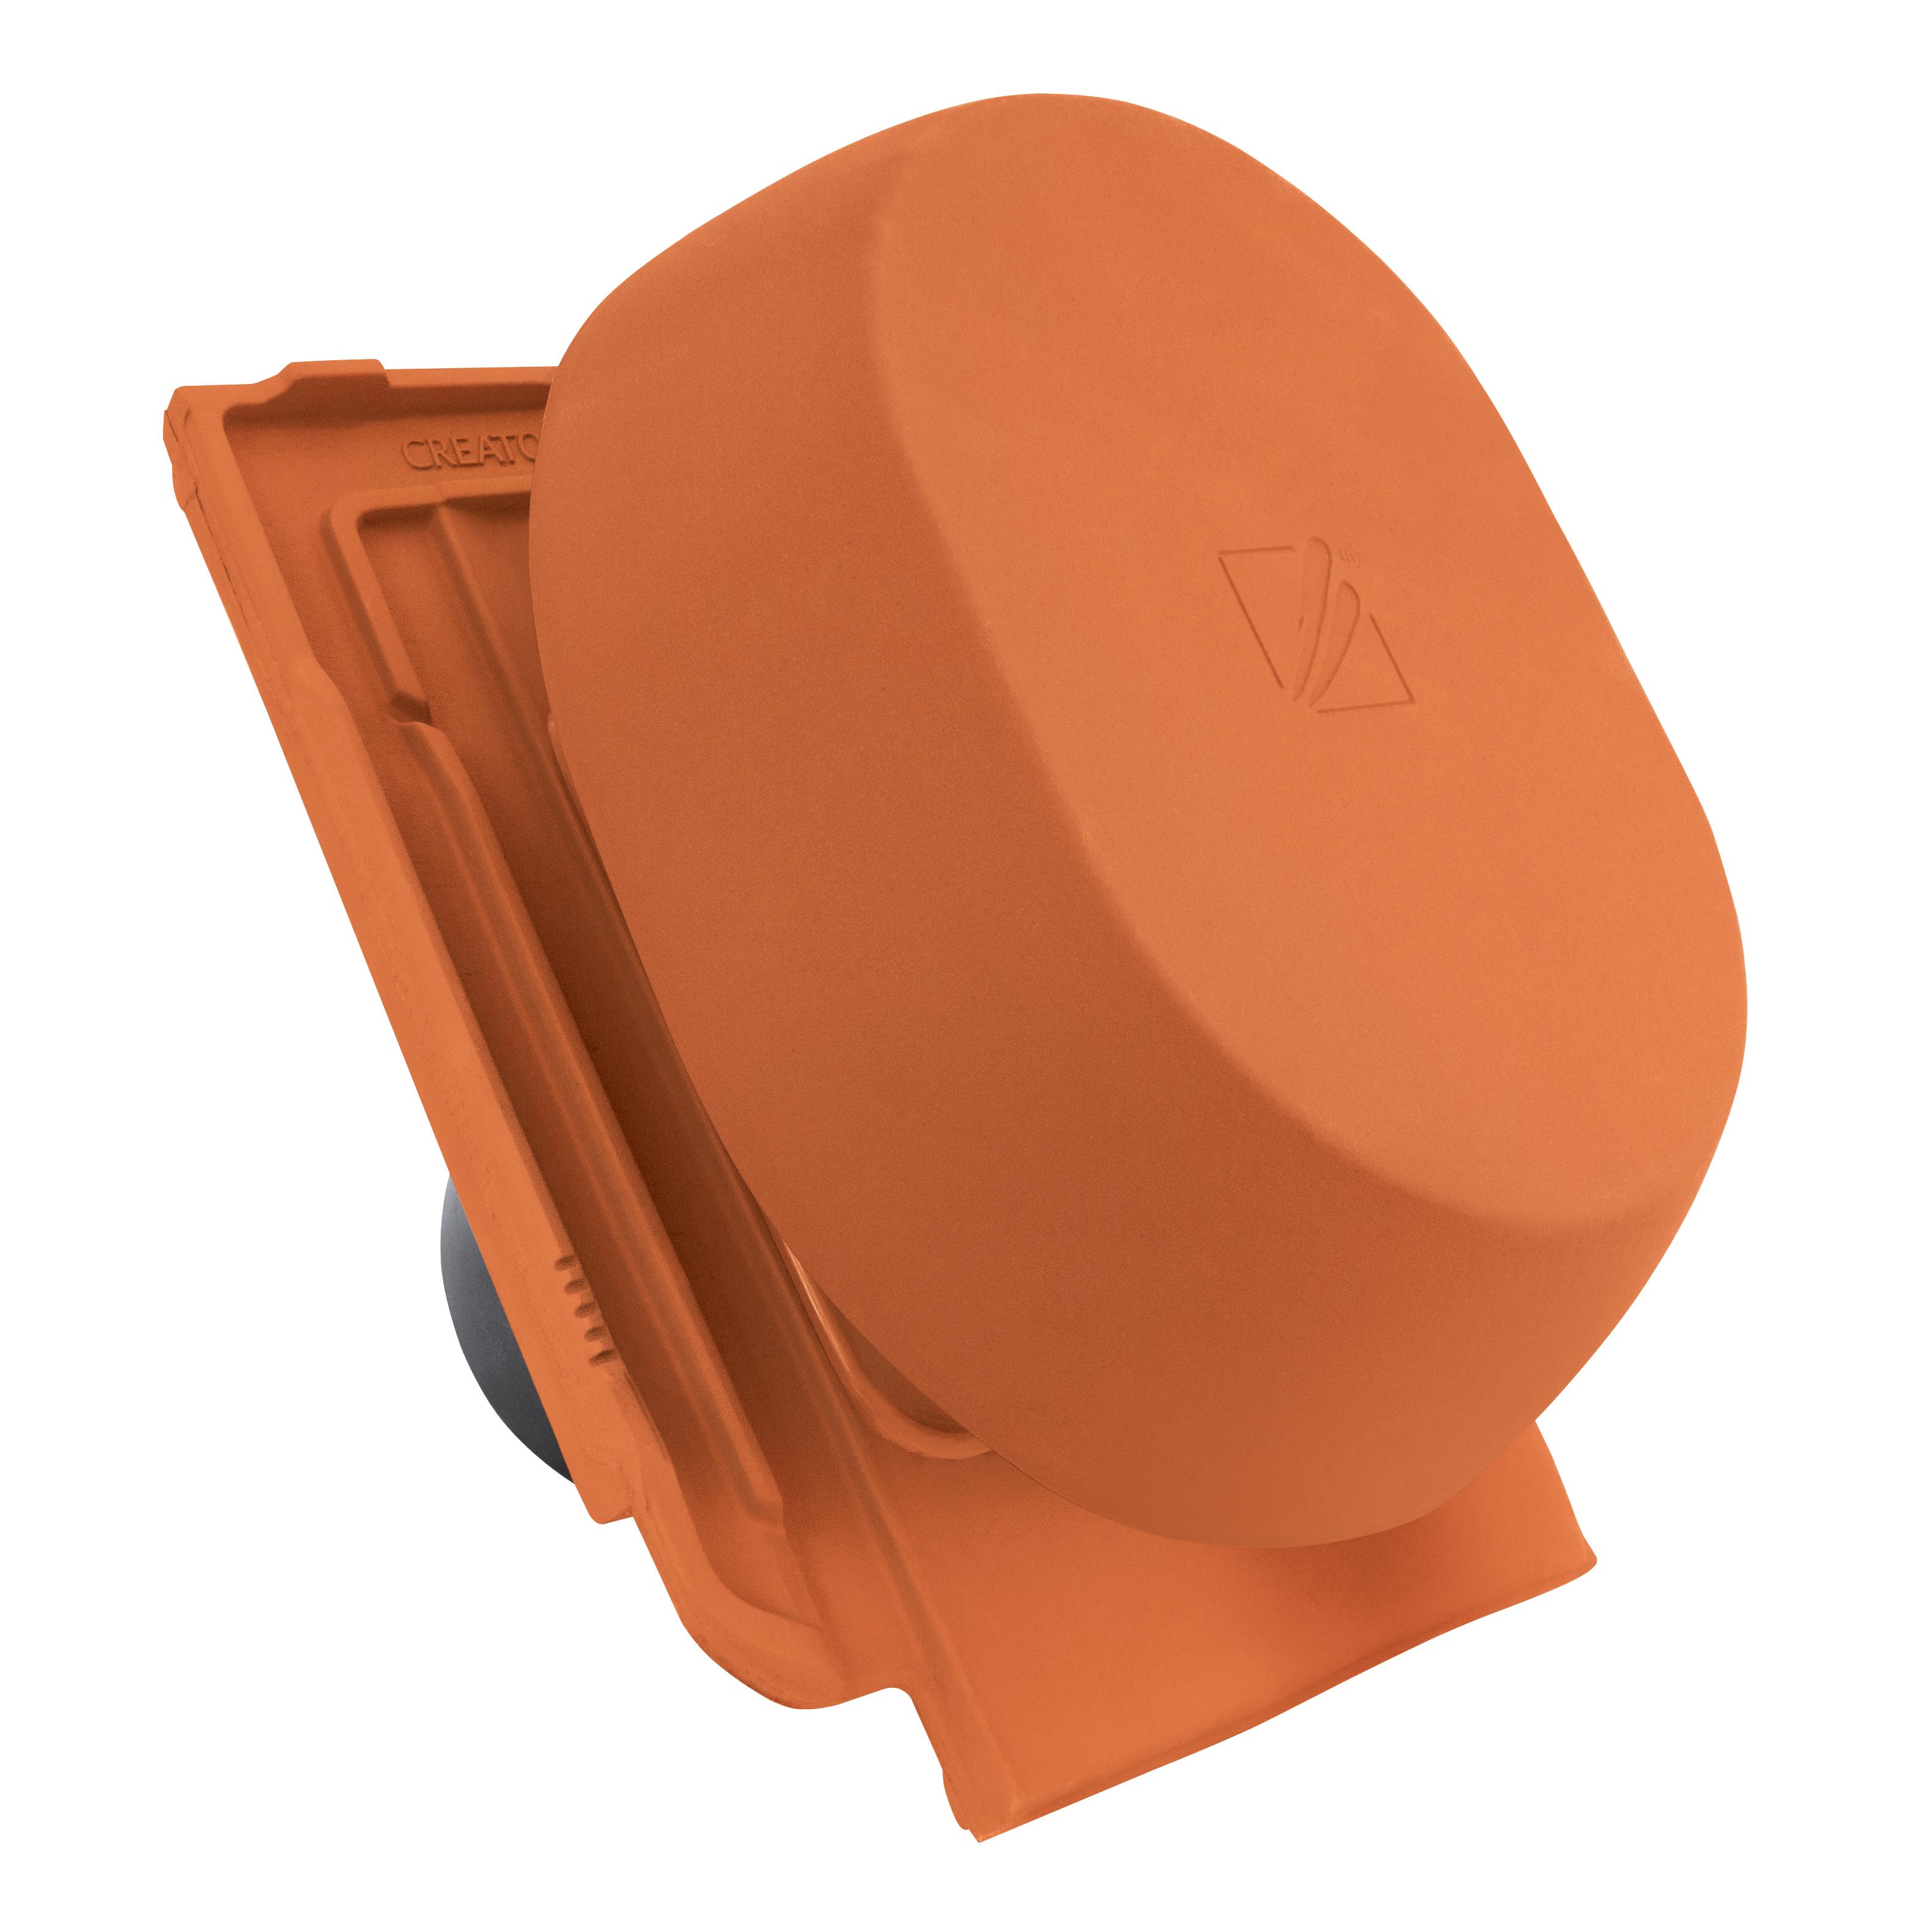 SIGNUM DN 150/160 mm